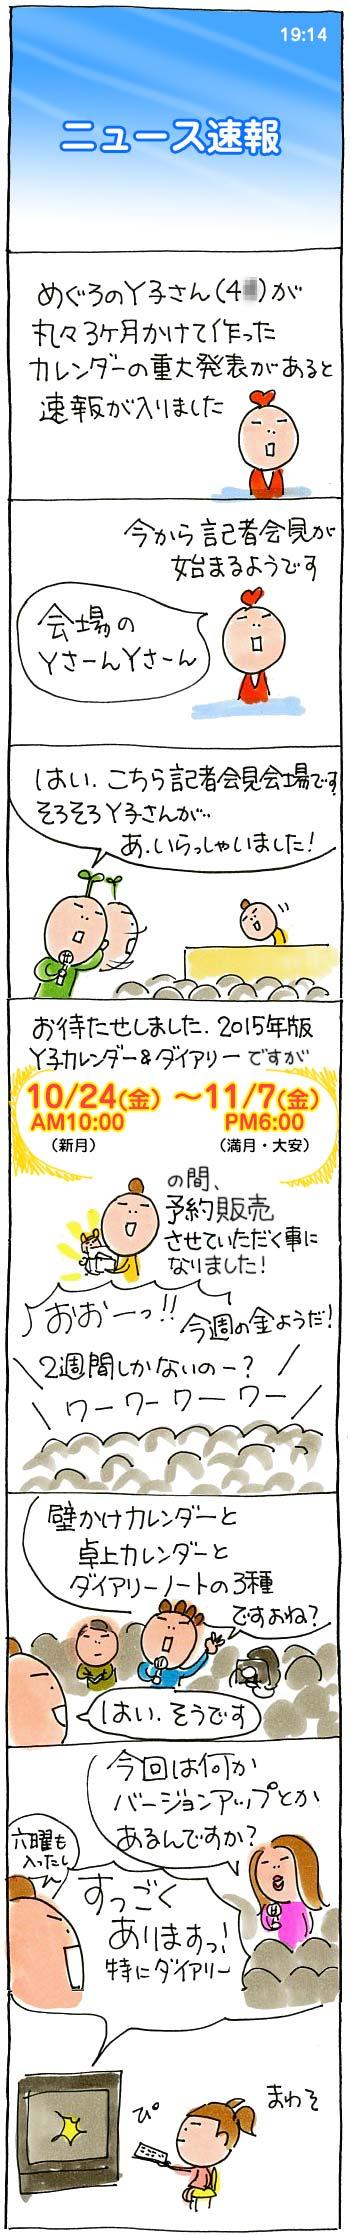 2015発表01